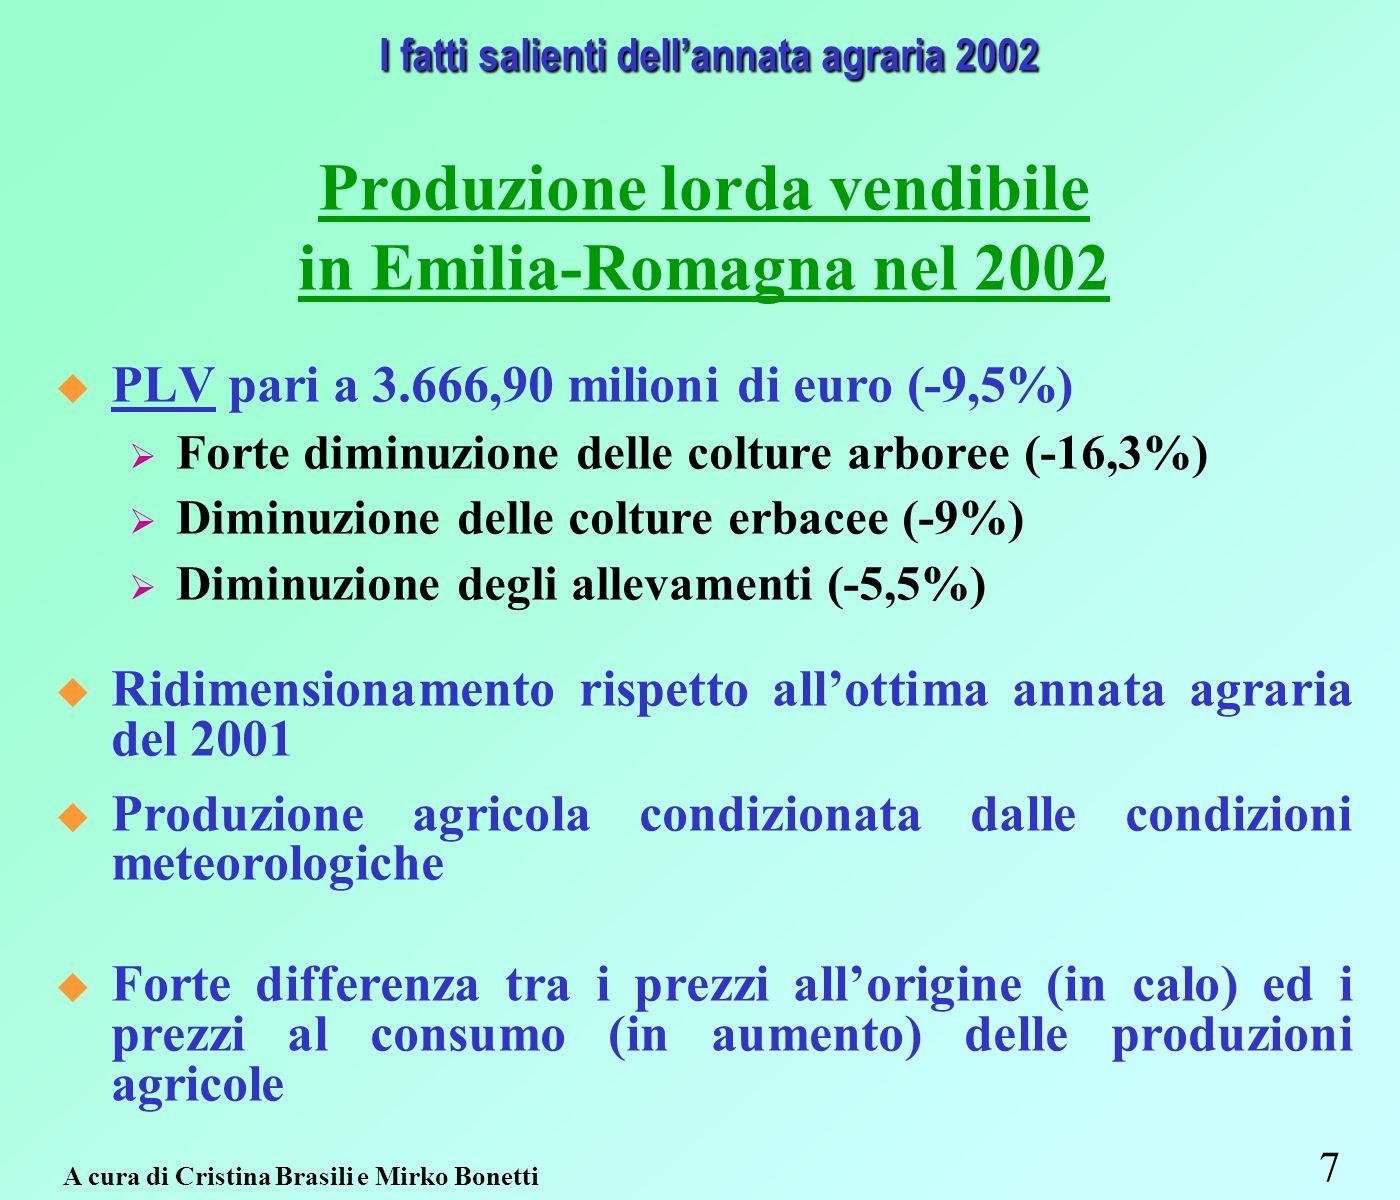 7 I fatti salienti dellannata agraria 2002 I fatti salienti dellannata agraria 2002 Produzione lorda vendibile in Emilia-Romagna nel 2002 PLV pari a 3.666,90 milioni di euro (-9,5%) Forte diminuzione delle colture arboree (-16,3%) Diminuzione delle colture erbacee (-9%) Diminuzione degli allevamenti (-5,5%) Ridimensionamento rispetto allottima annata agraria del 2001 Produzione agricola condizionata dalle condizioni meteorologiche Forte differenza tra i prezzi allorigine (in calo) ed i prezzi al consumo (in aumento) delle produzioni agricole A cura di Cristina Brasili e Mirko Bonetti